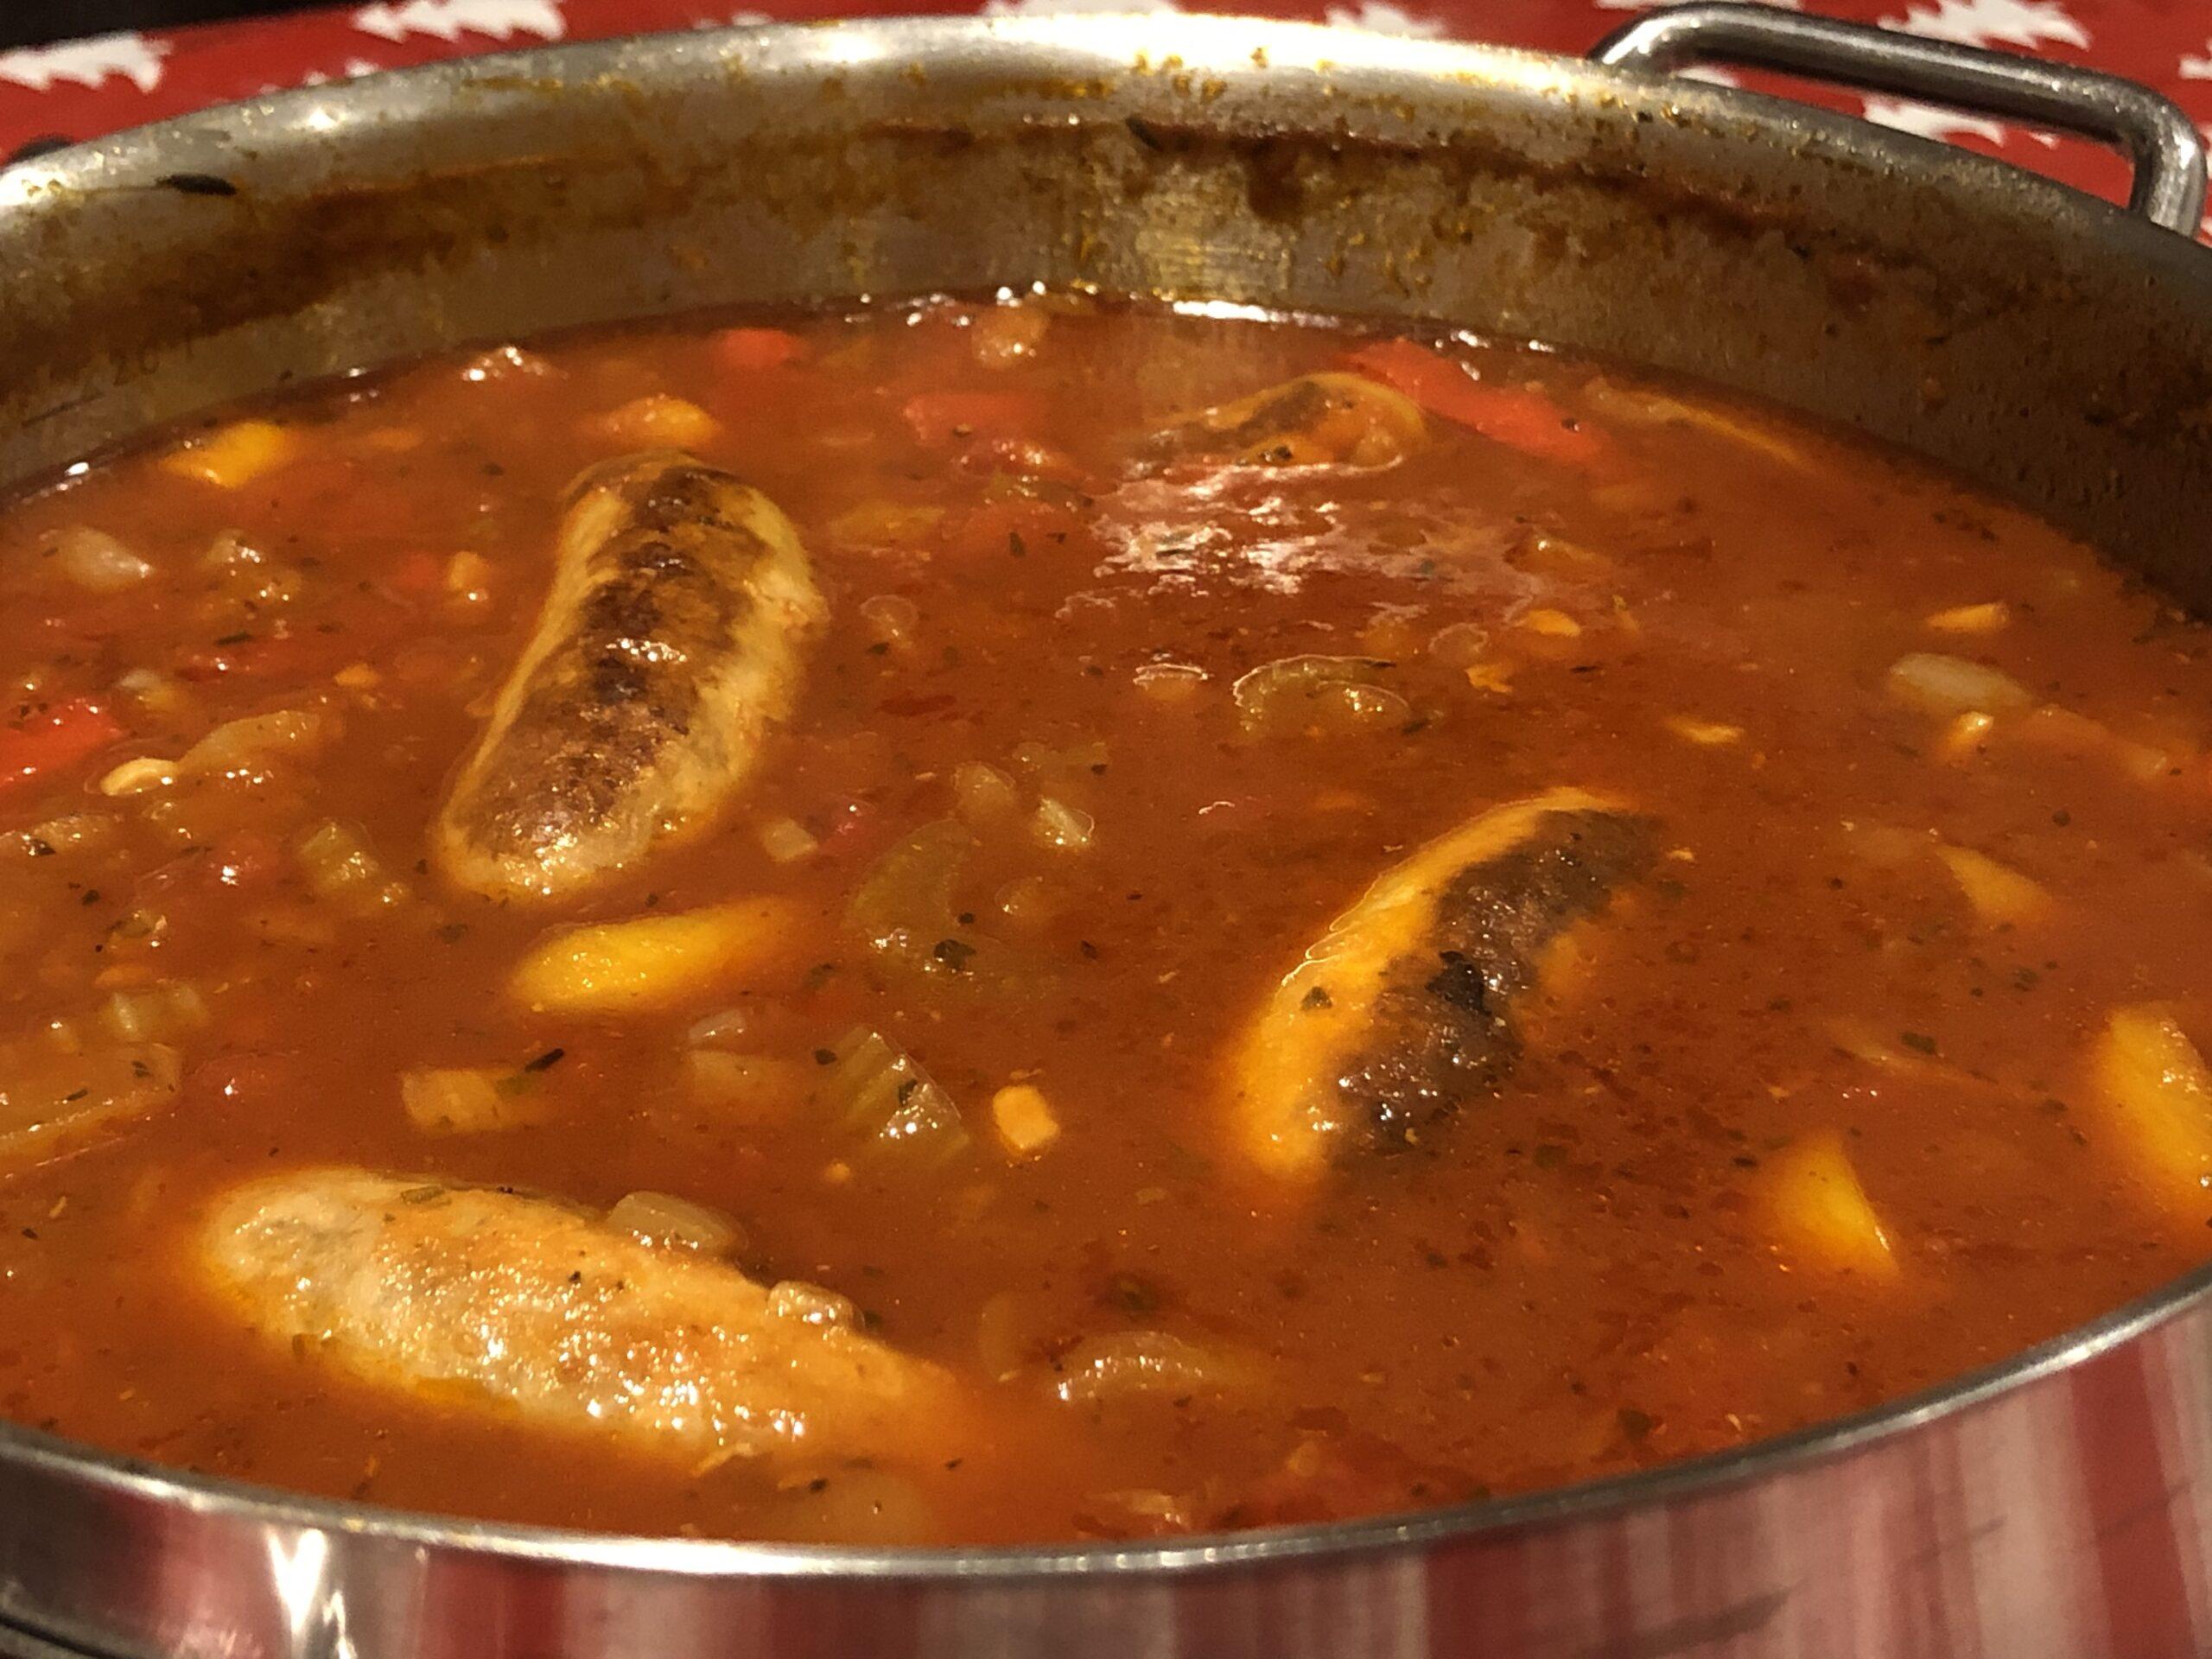 Super sausage casserole